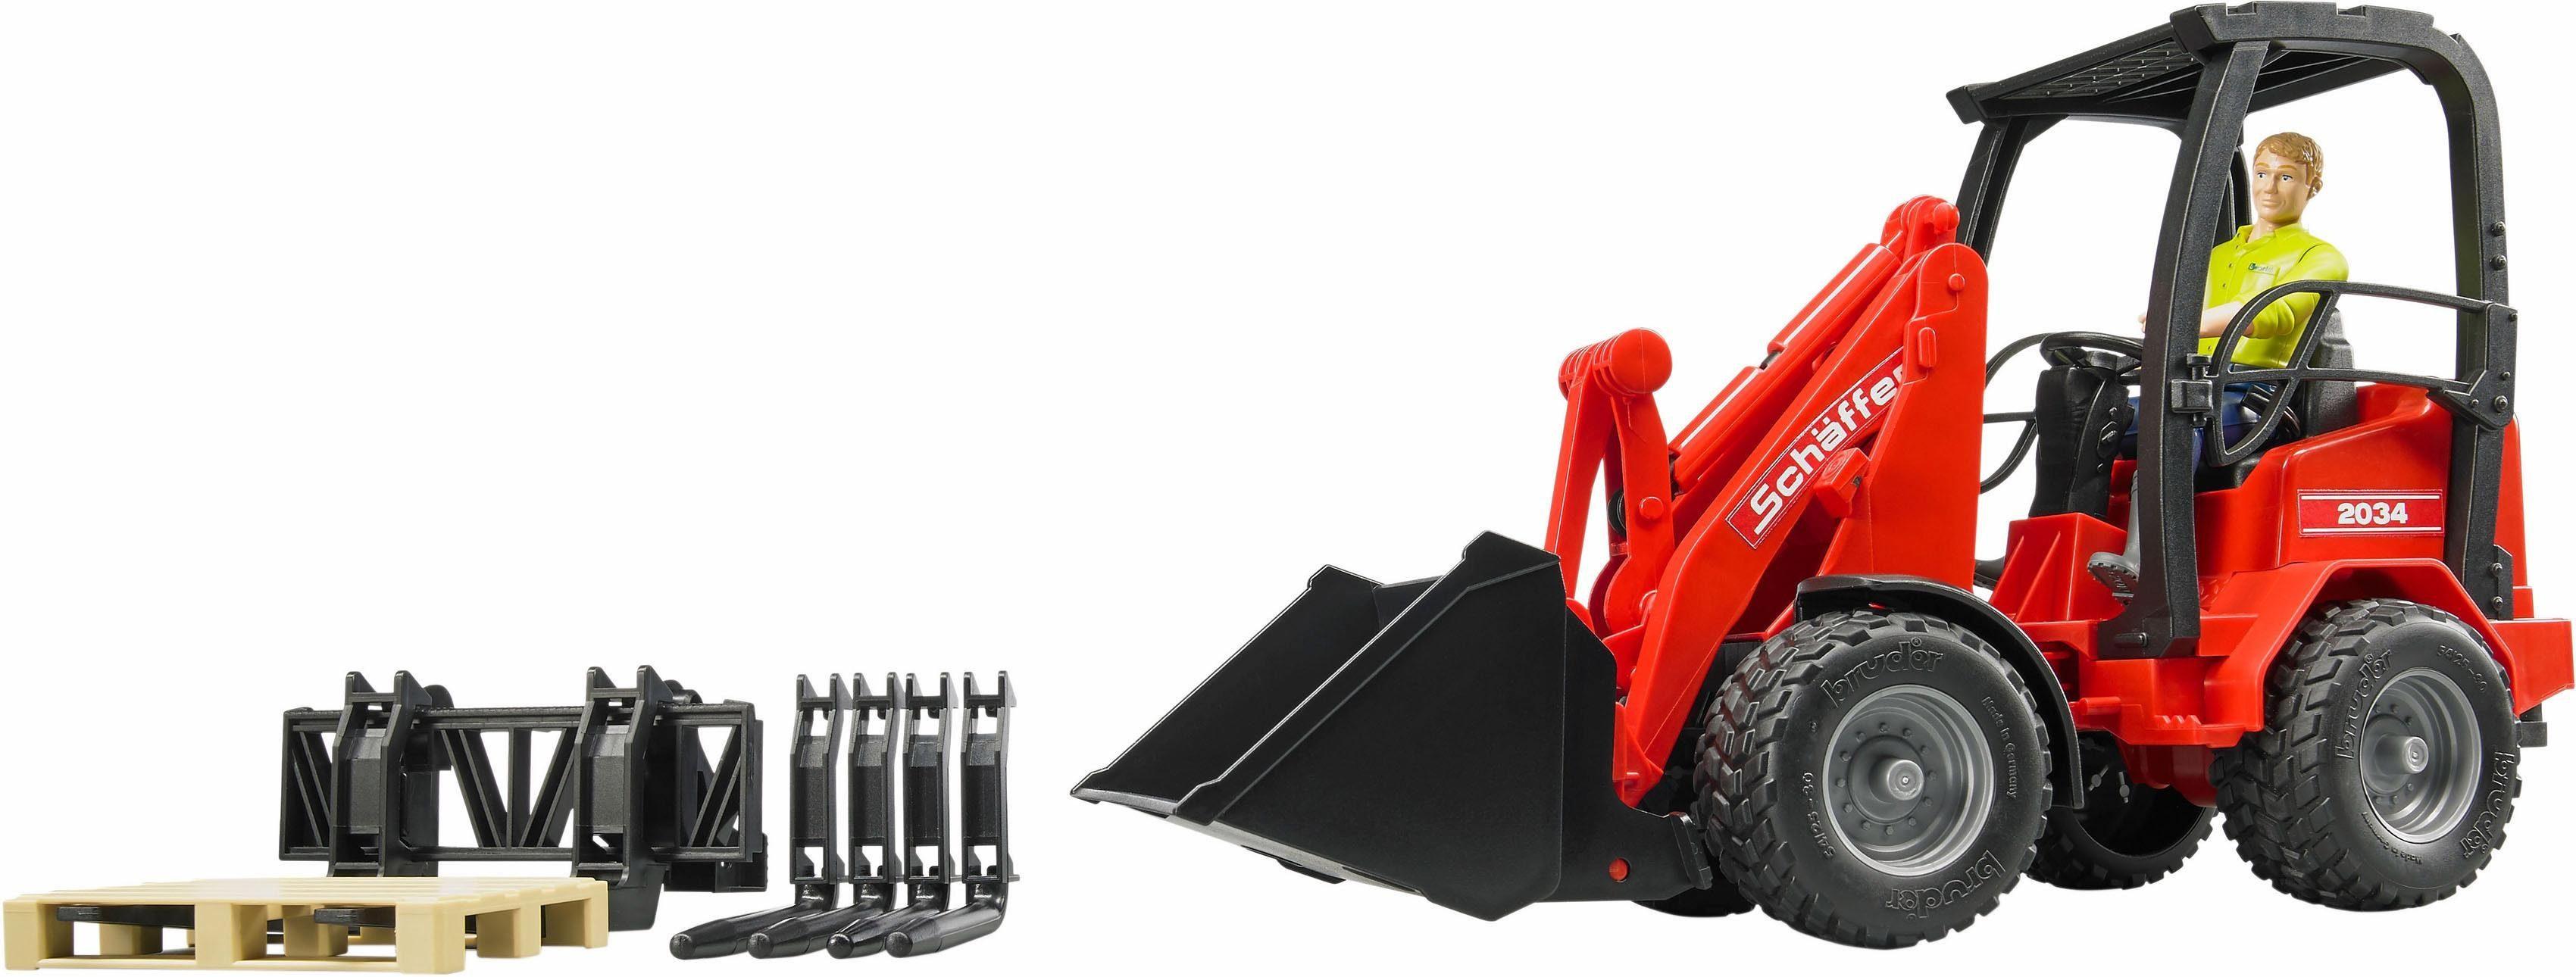 bruder® Spielzeug Radlader 2191, »Schäffer Hoflader 2034 mit Figur und Zubehör, 1:16, rot«